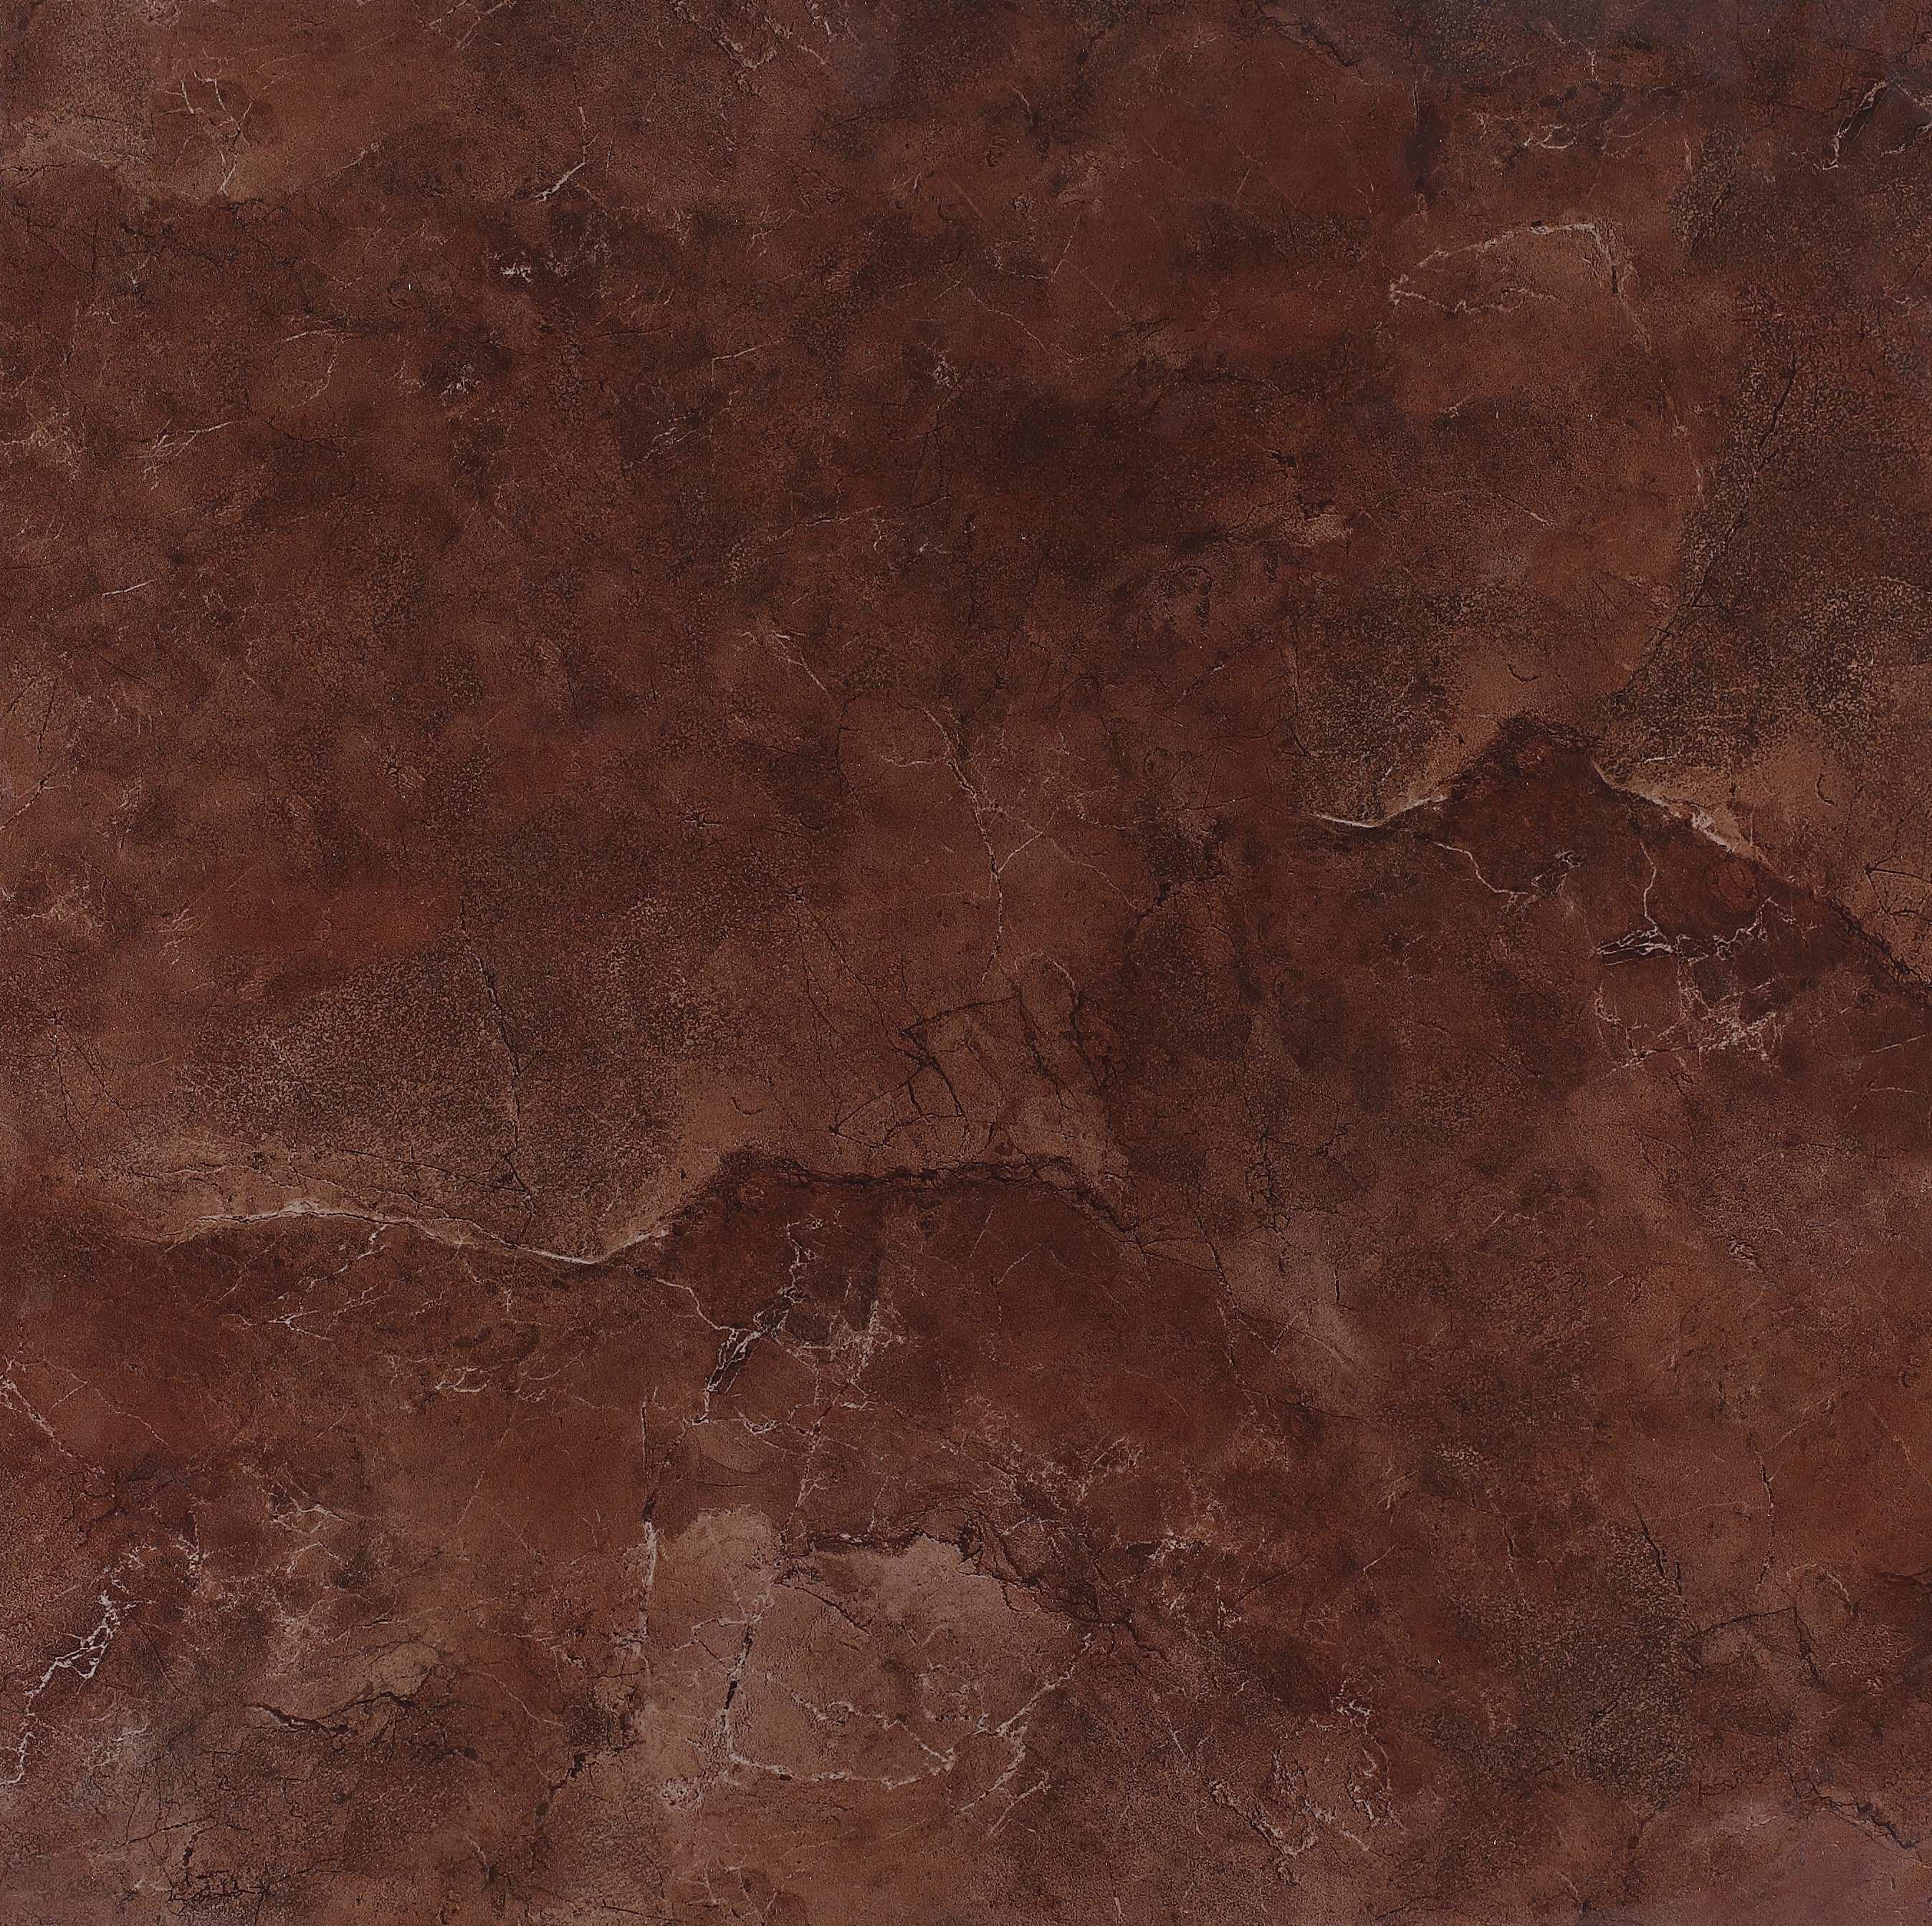 Керамогранит Venezia brown 60x60 levigato (полированный)